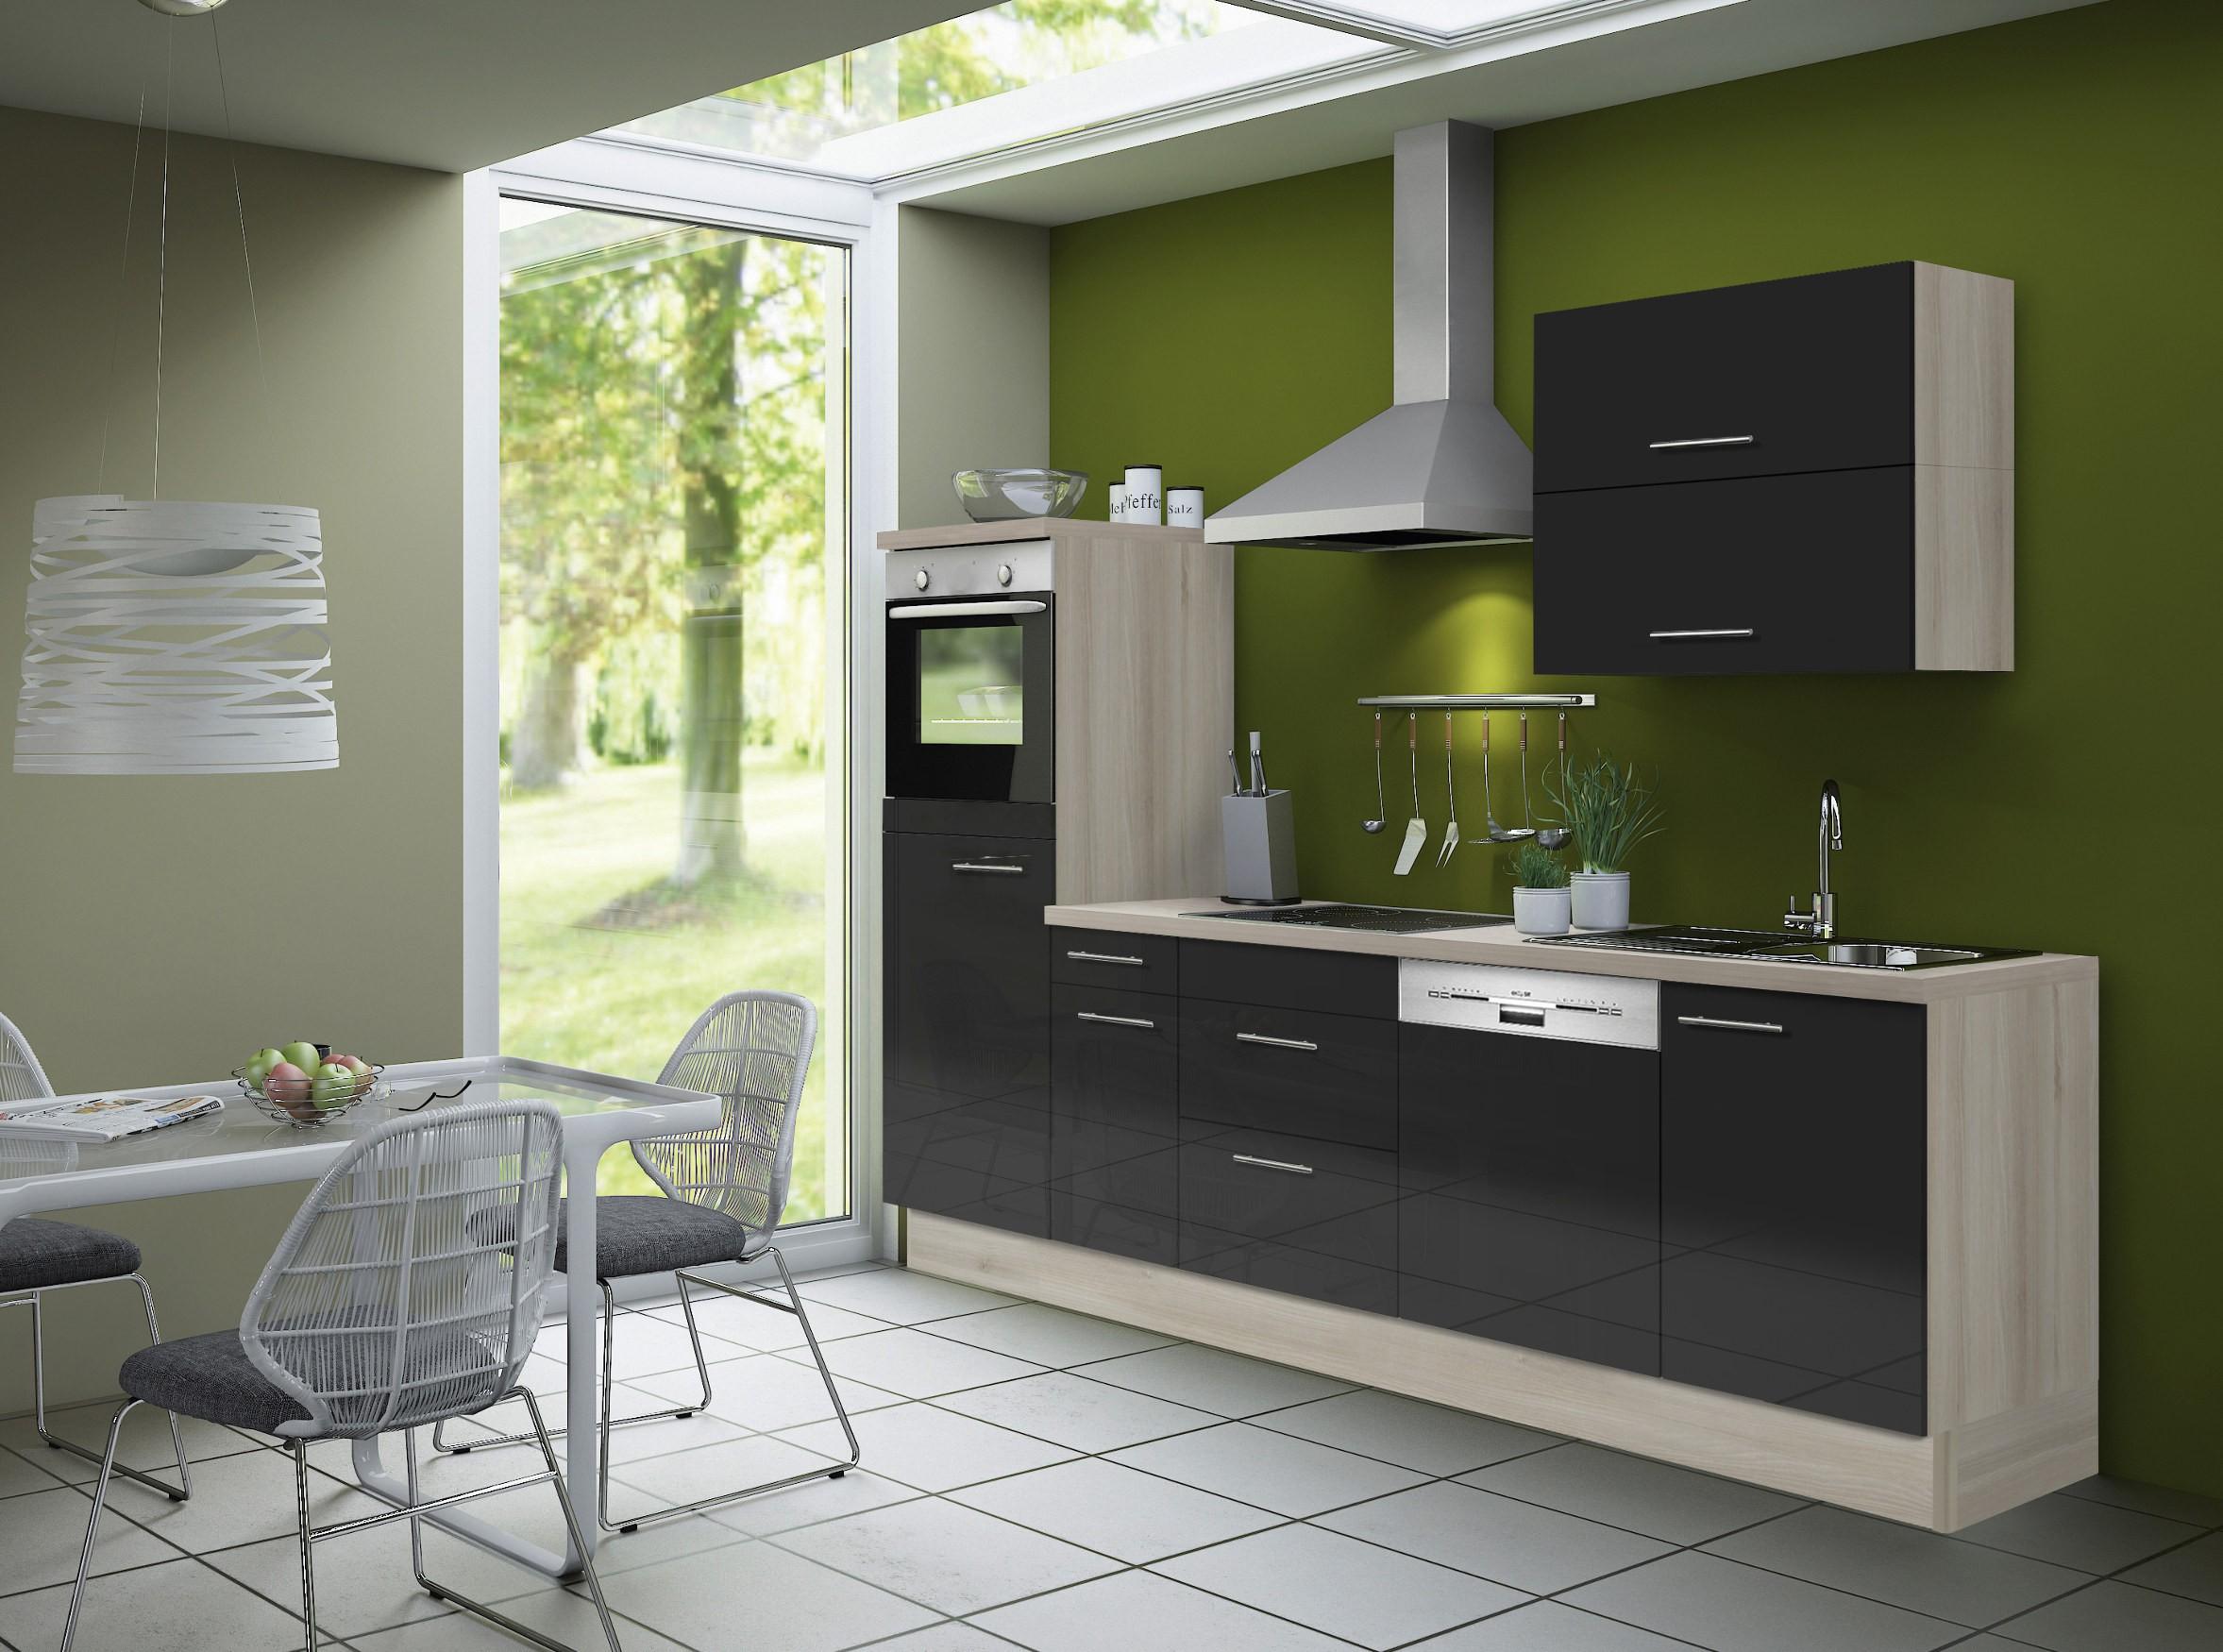 Küchenzeile LEON - Vario 4 - Küche mit E-Geräten - Breite 270 cm ...